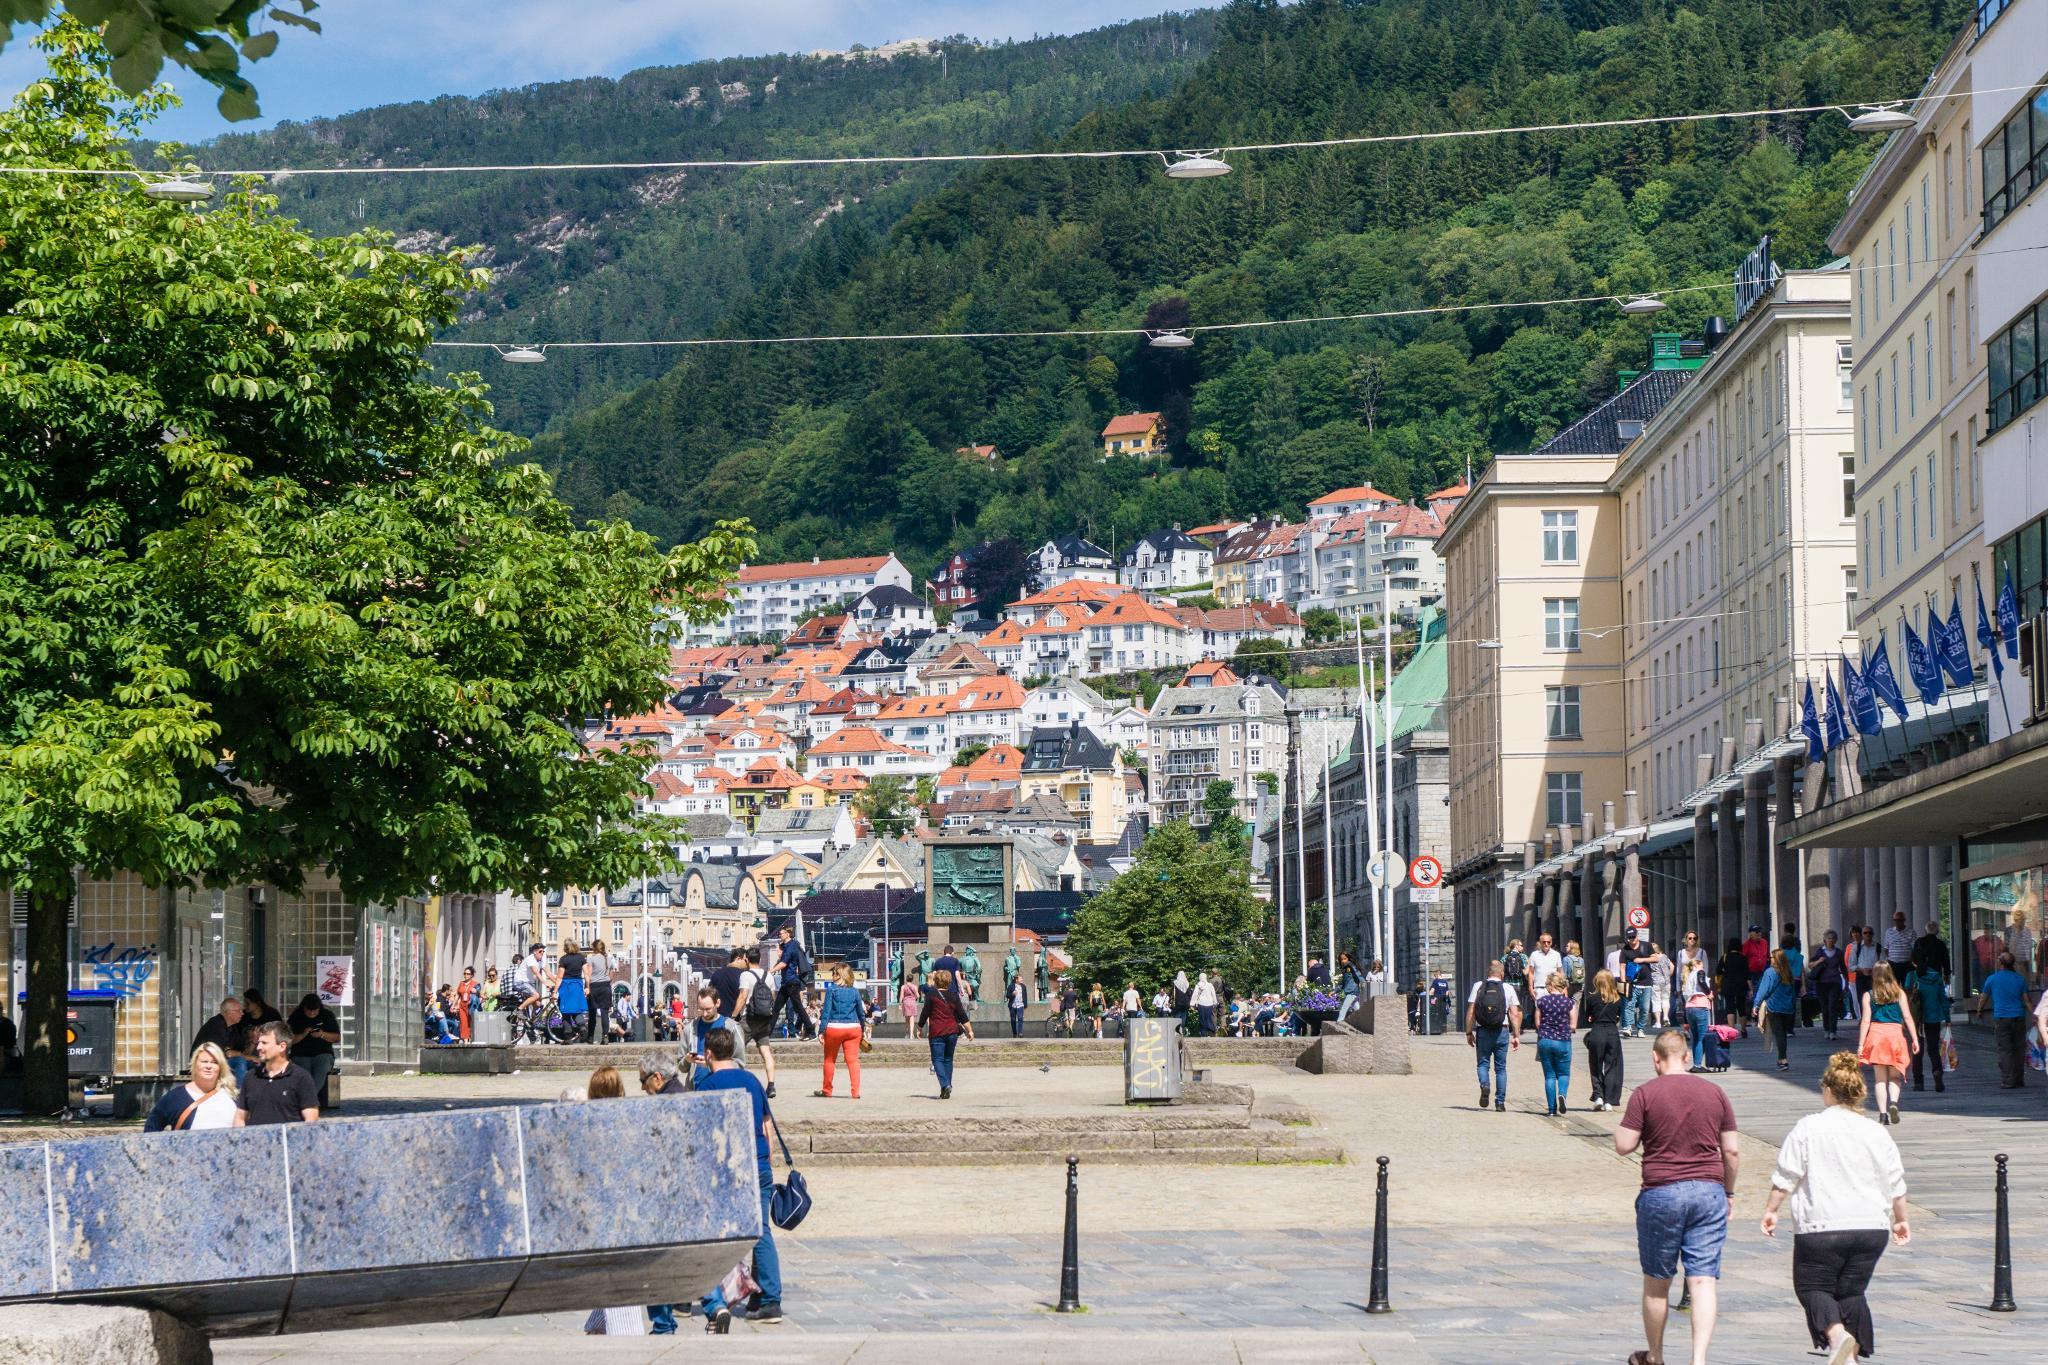 【卑爾根】童話北歐!卑爾根自由行景點全攻略 154